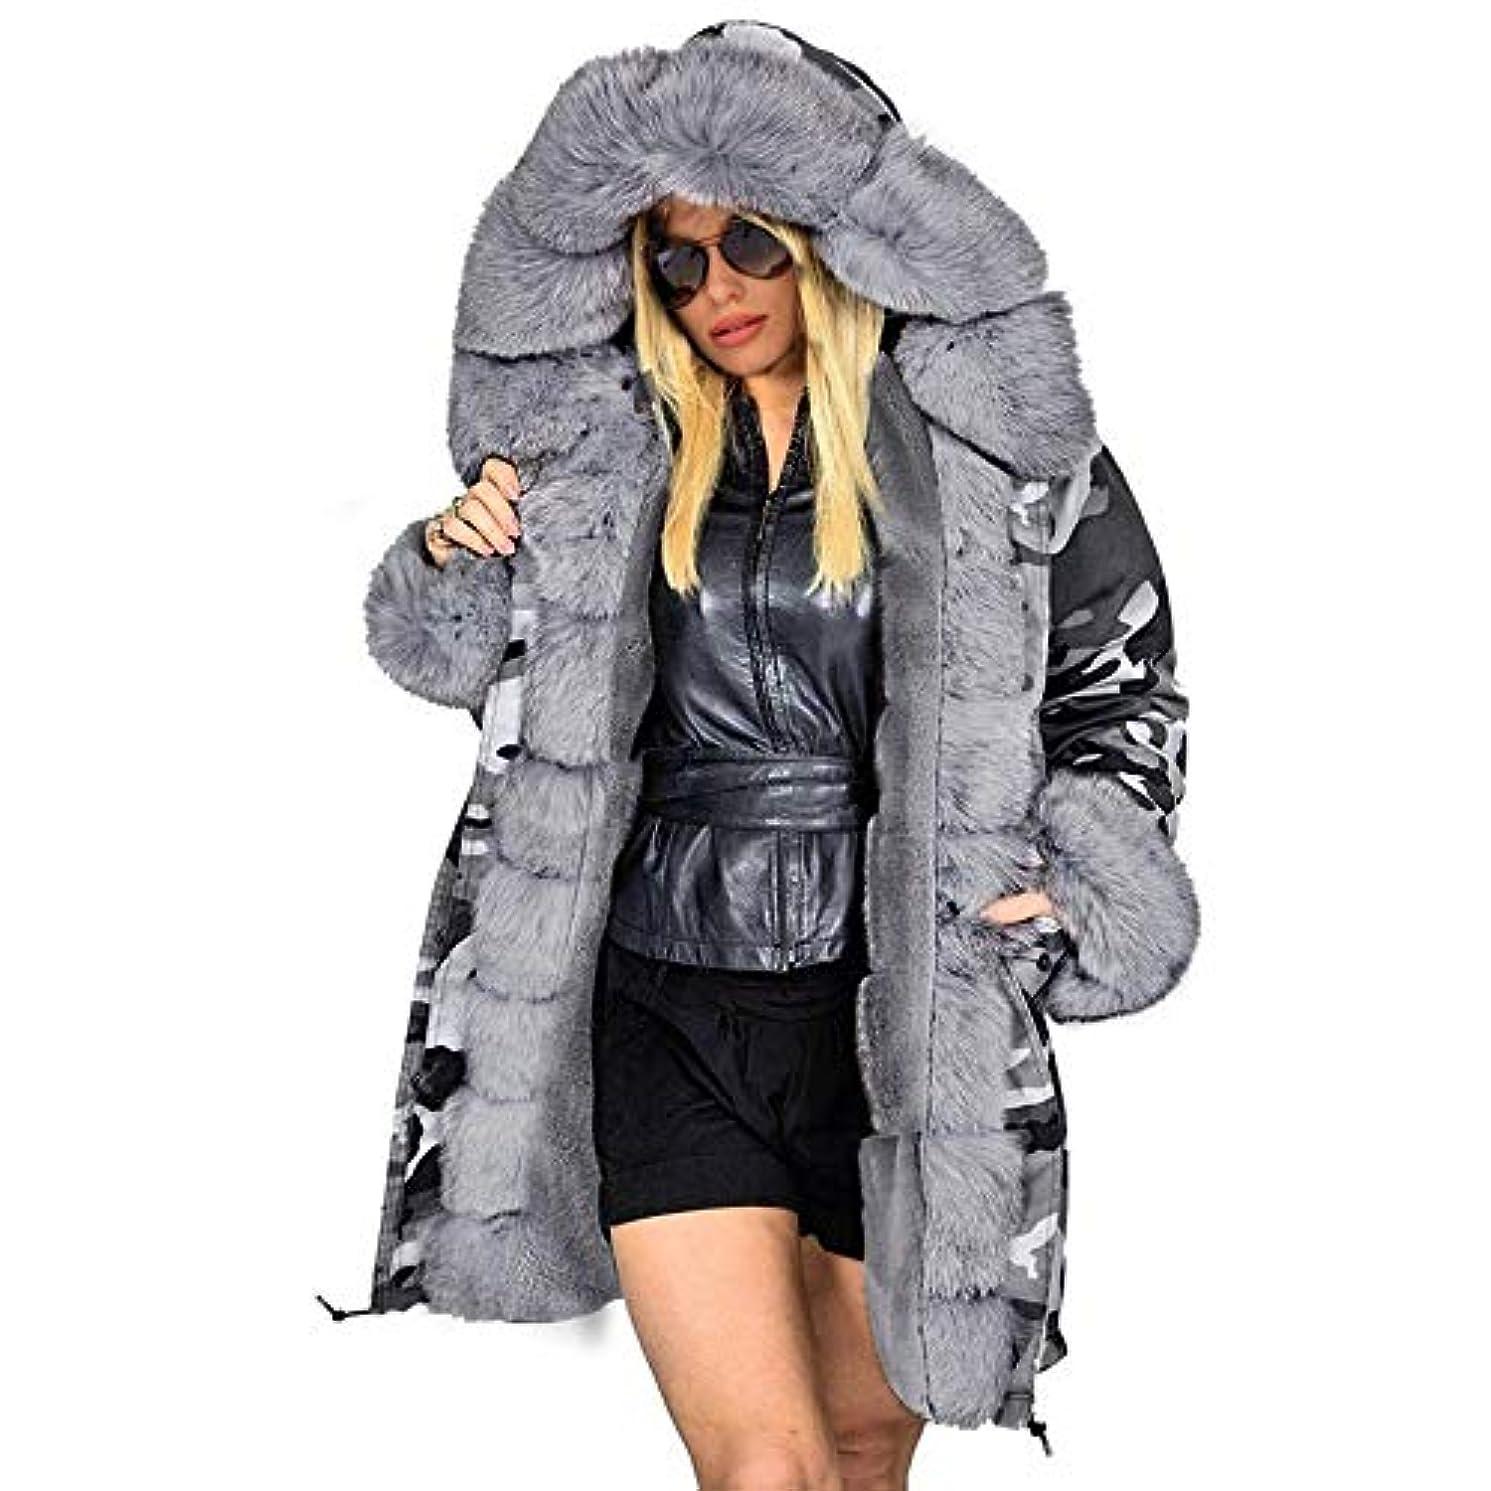 委員会勝者発明するファッションコートウィンタージャケット女性フードパーカーロングウォームコットンジャケットアウターウェア女性ウィンターコートプラスサイズ,XXXL